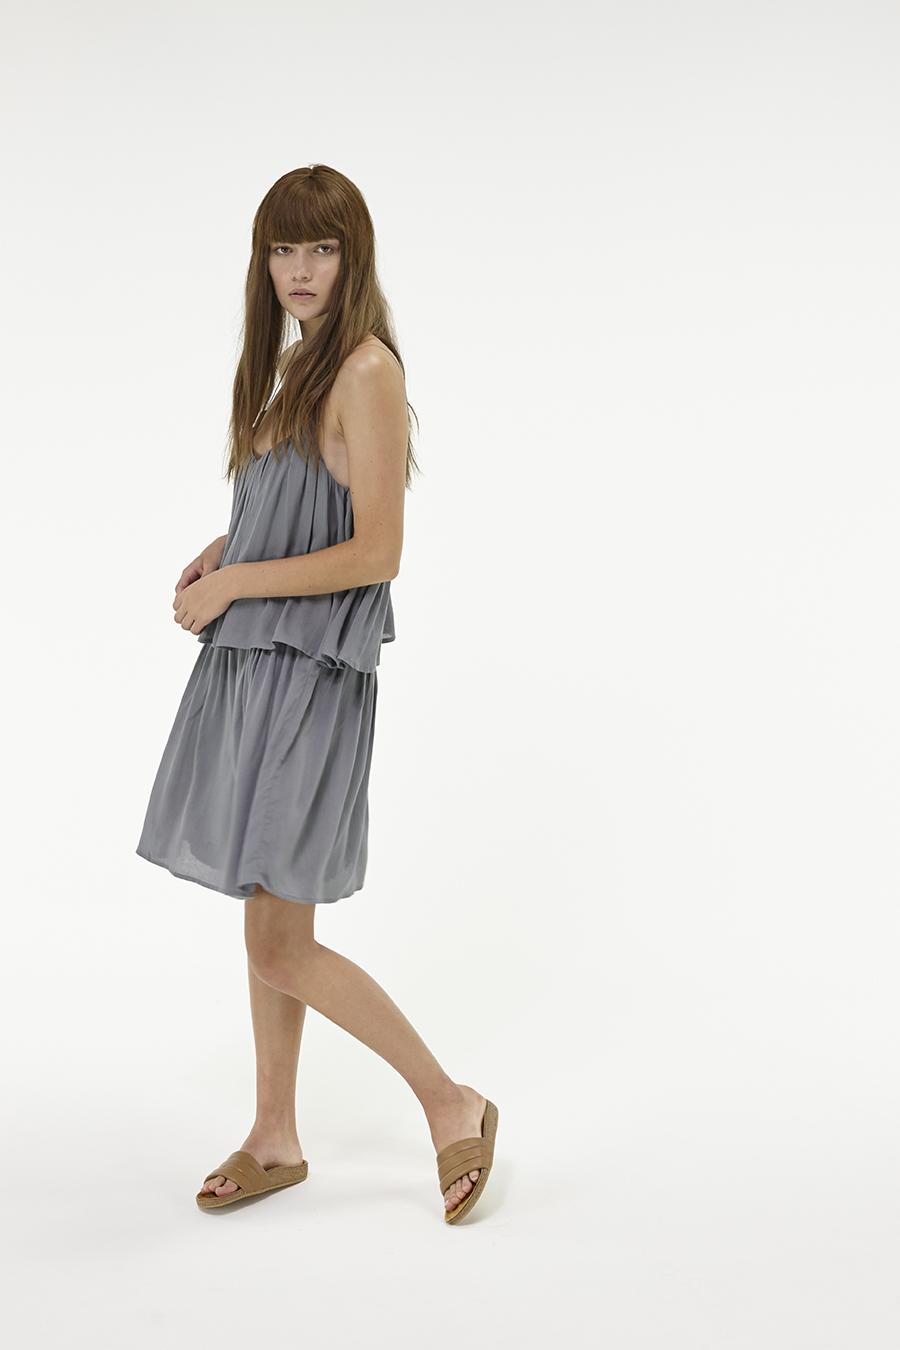 Huffer_Q3-16_W-Love-All-Dress_Grey-04